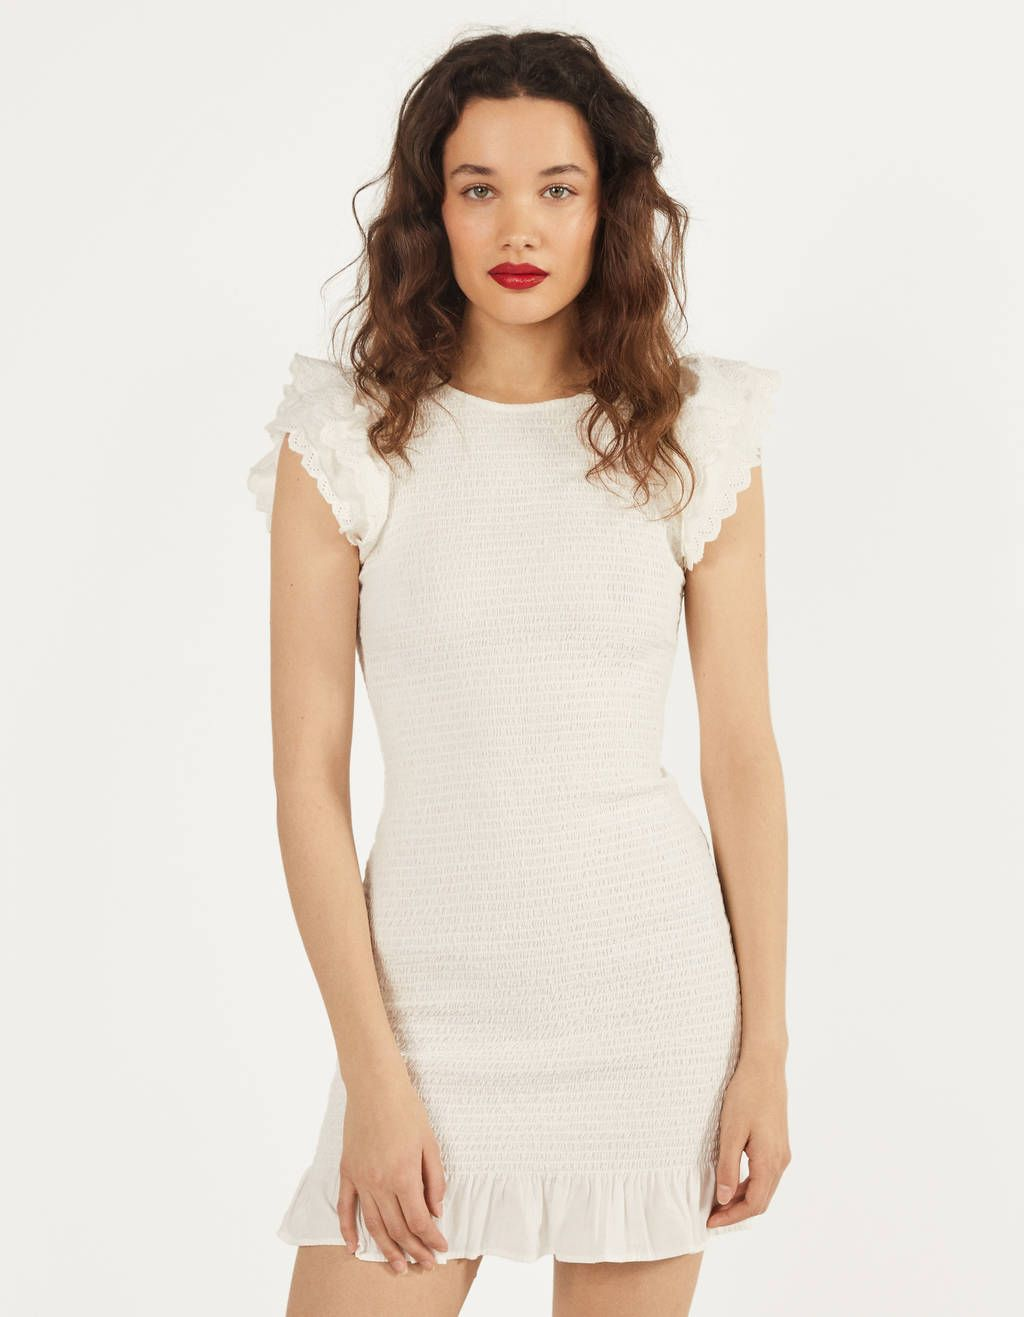 Firfirli Ve Islemeli Elbise 2020 The Dress Ve Kadin